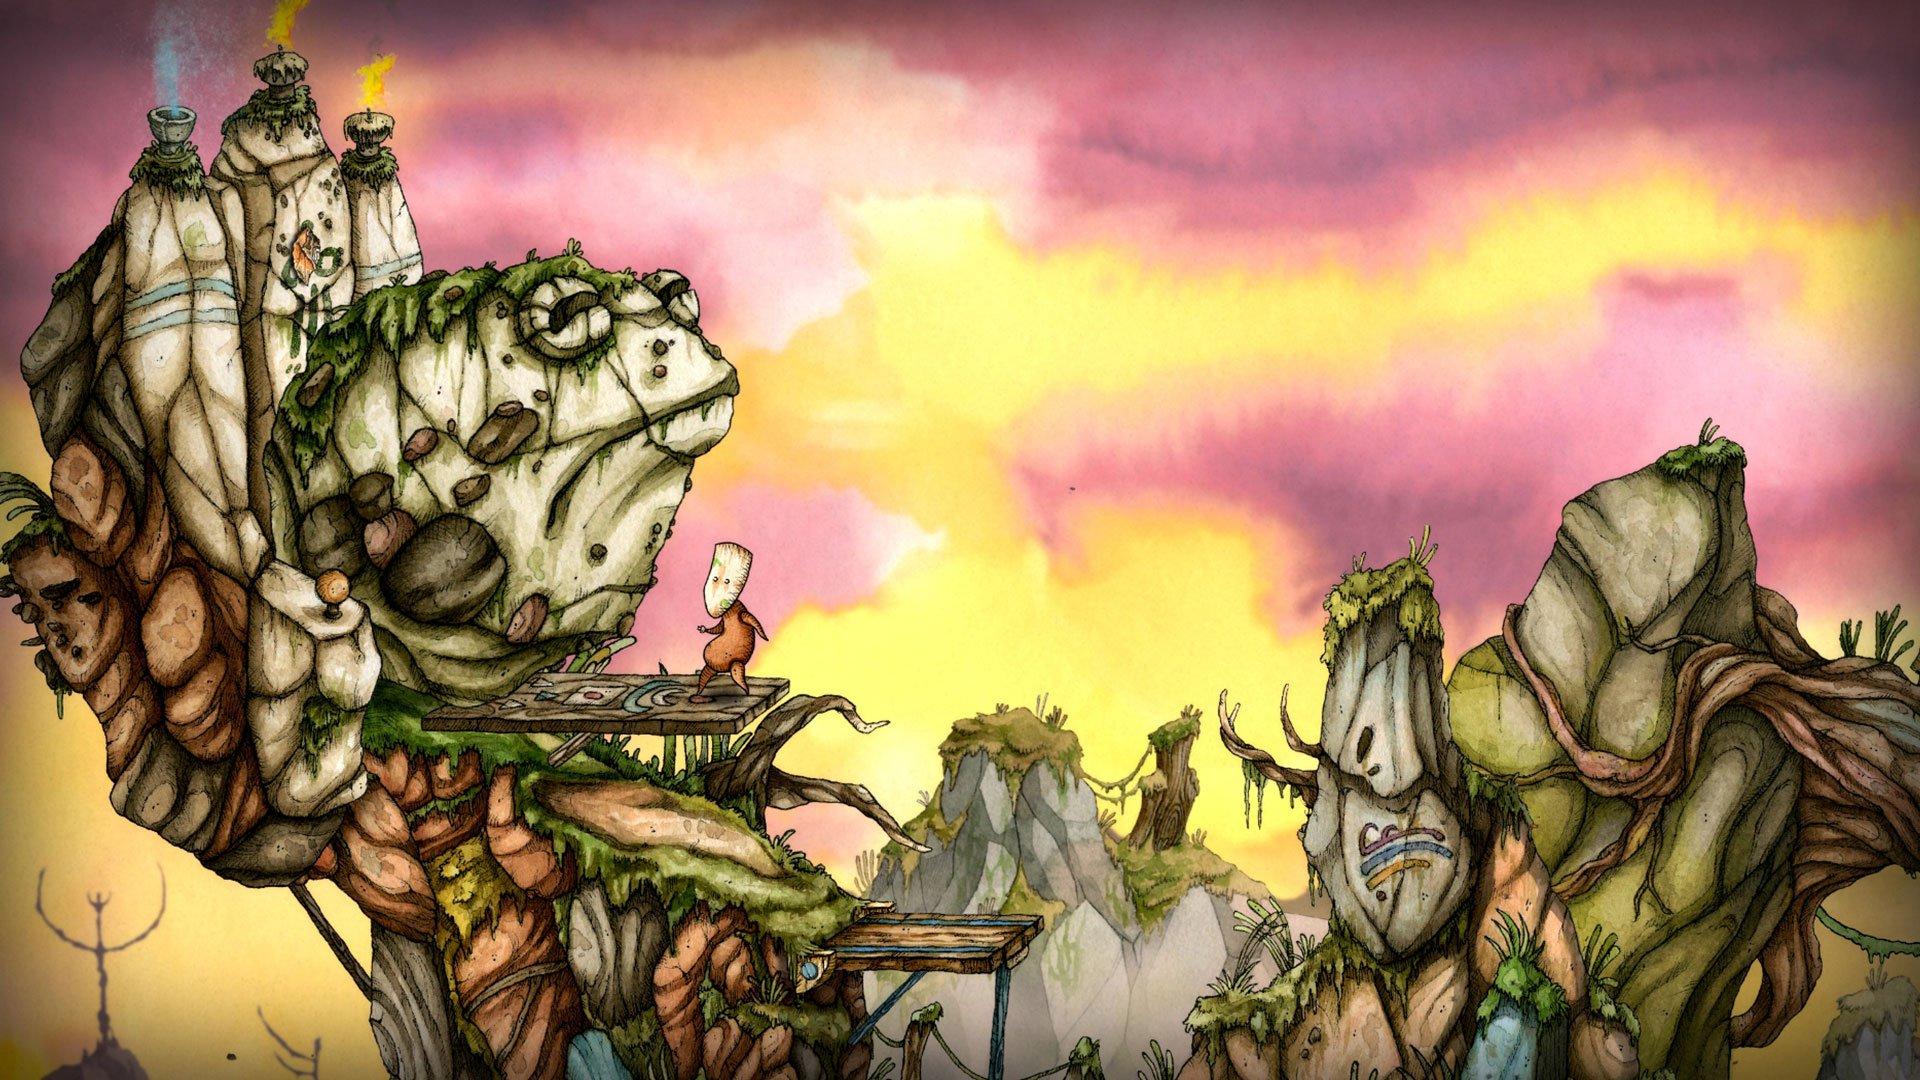 Candle - La recensione: Una fiamma che arde anche su Xbox One 4